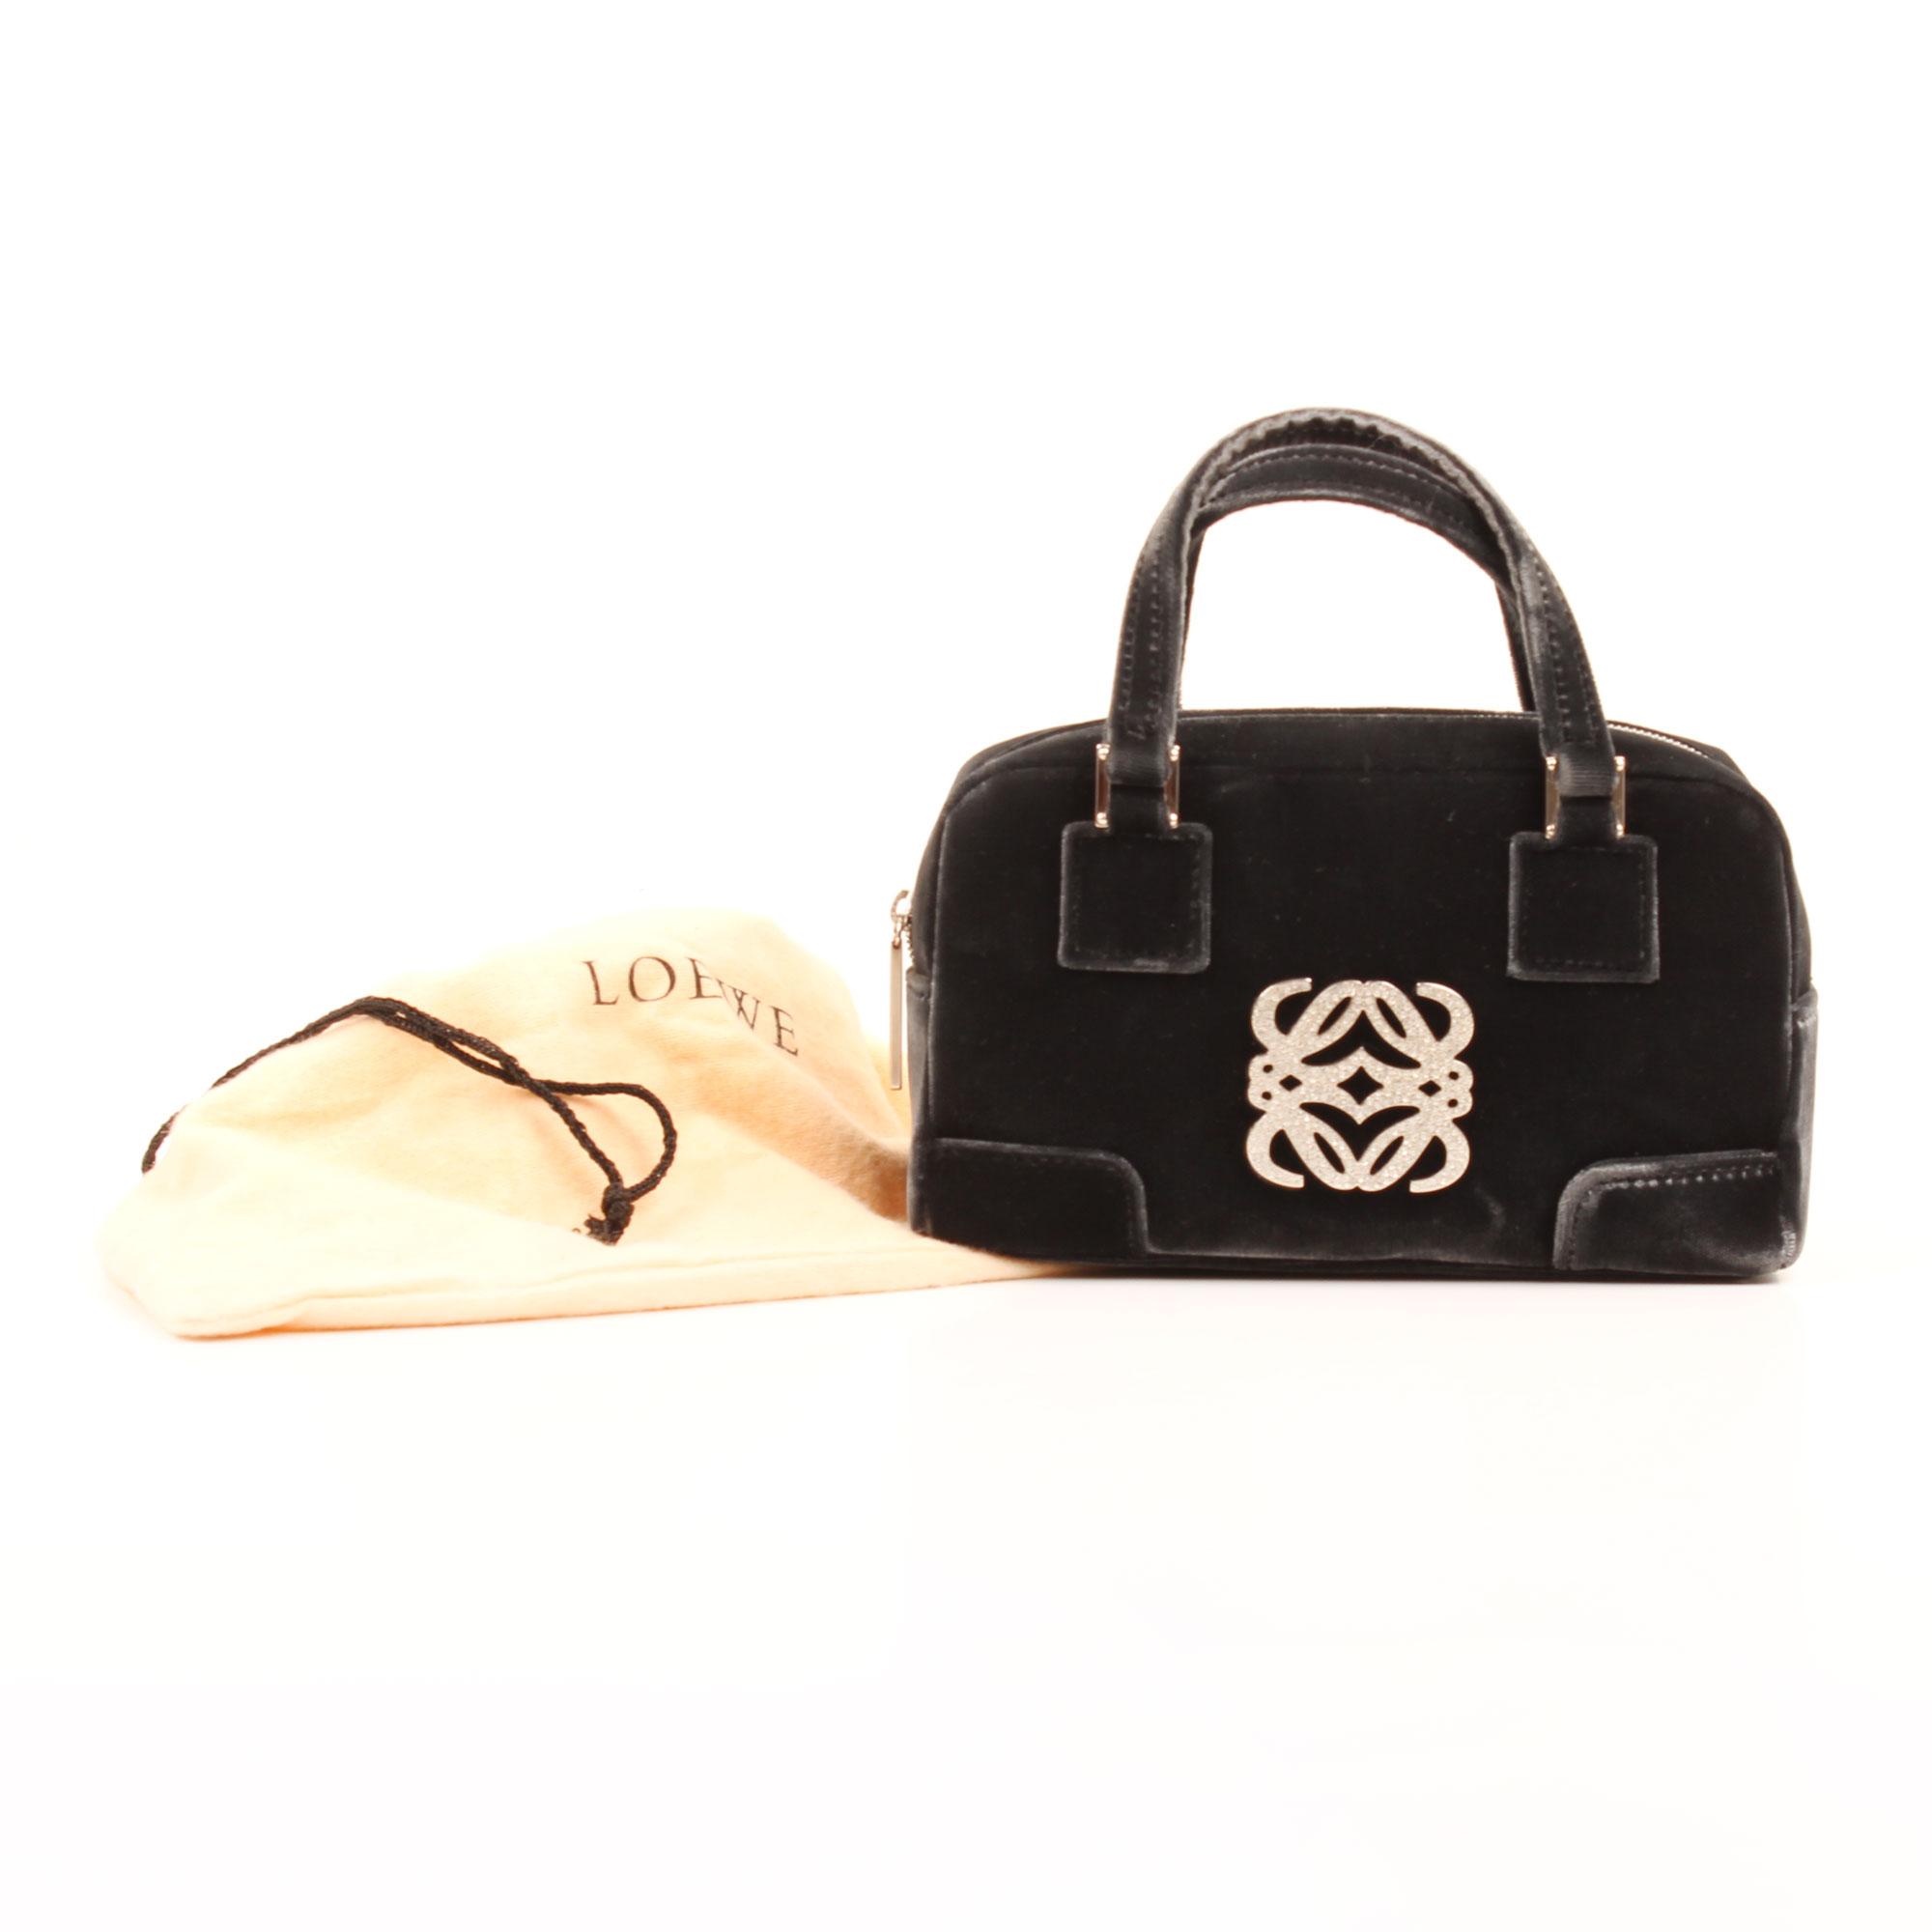 Imagen de la funda del bolso de mano loewe amazona bb negro terciopelo